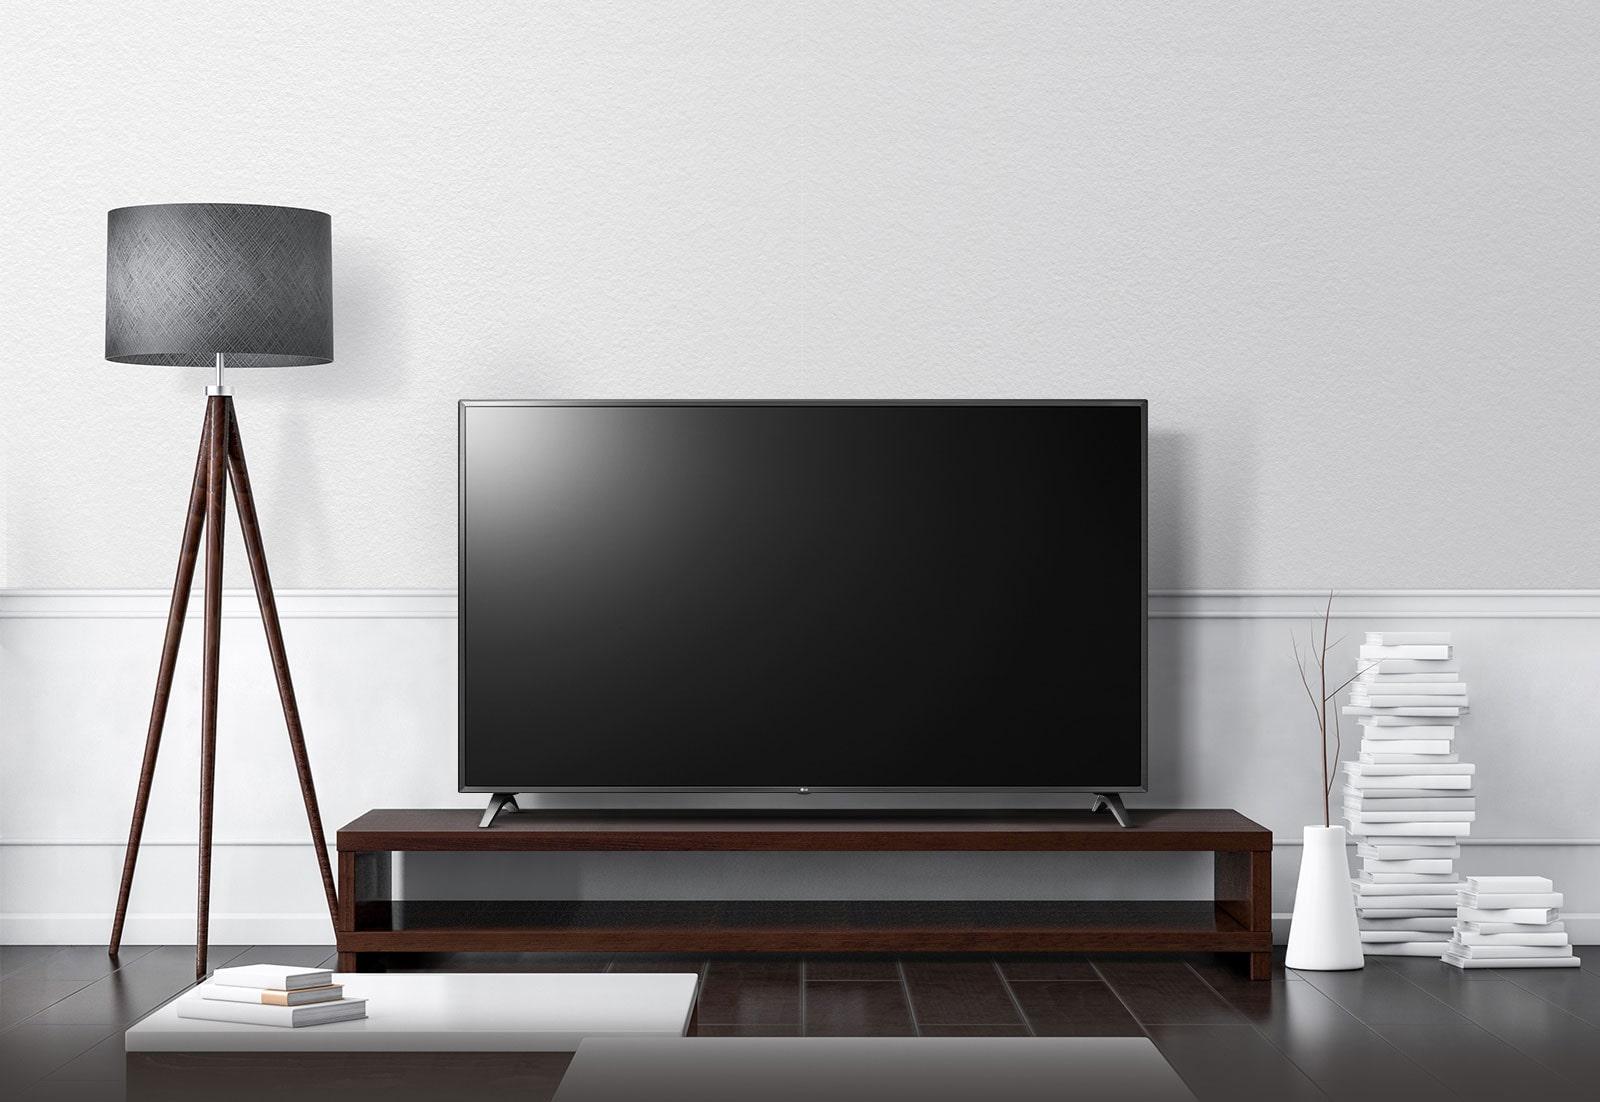 TV-UHD-UM76-09-Design-Desktop-v6